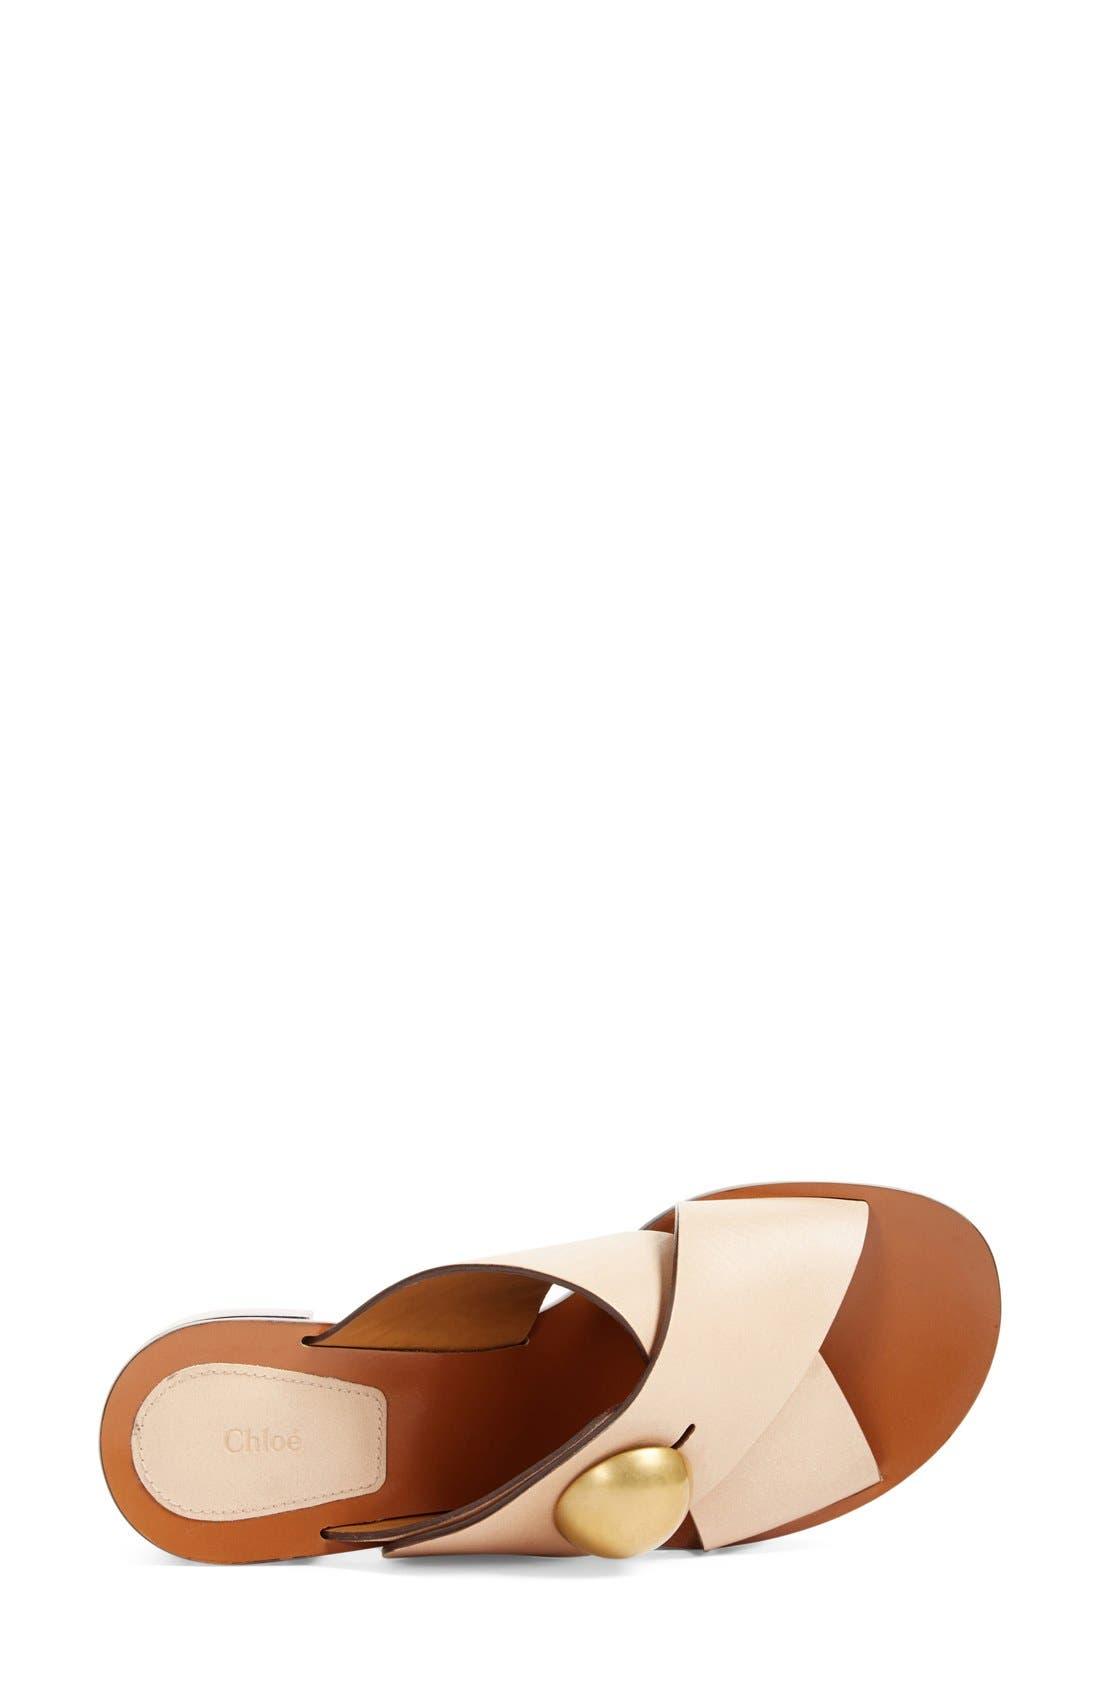 Alternate Image 3  - Chloé Block Heel Slide Sandal (Women)